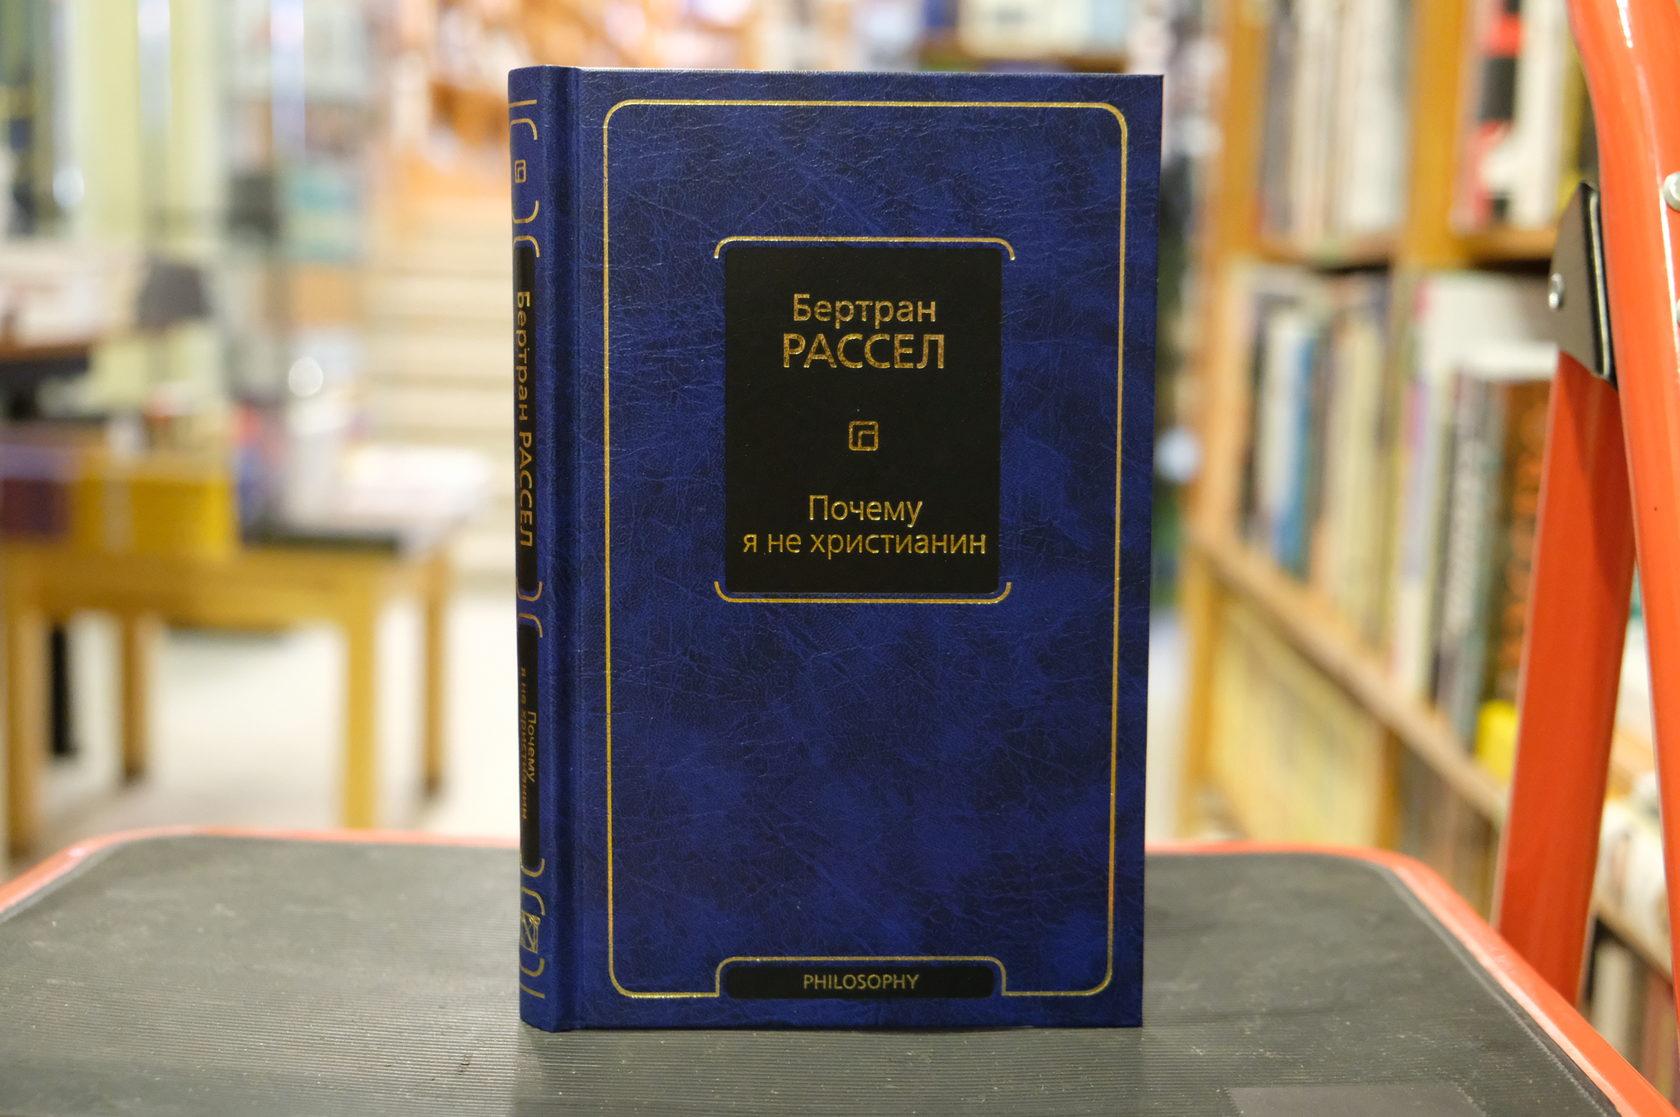 Купить книгу Бертран Рассел «Почему я не христианин» 978-5-17-109460-7 АСТ